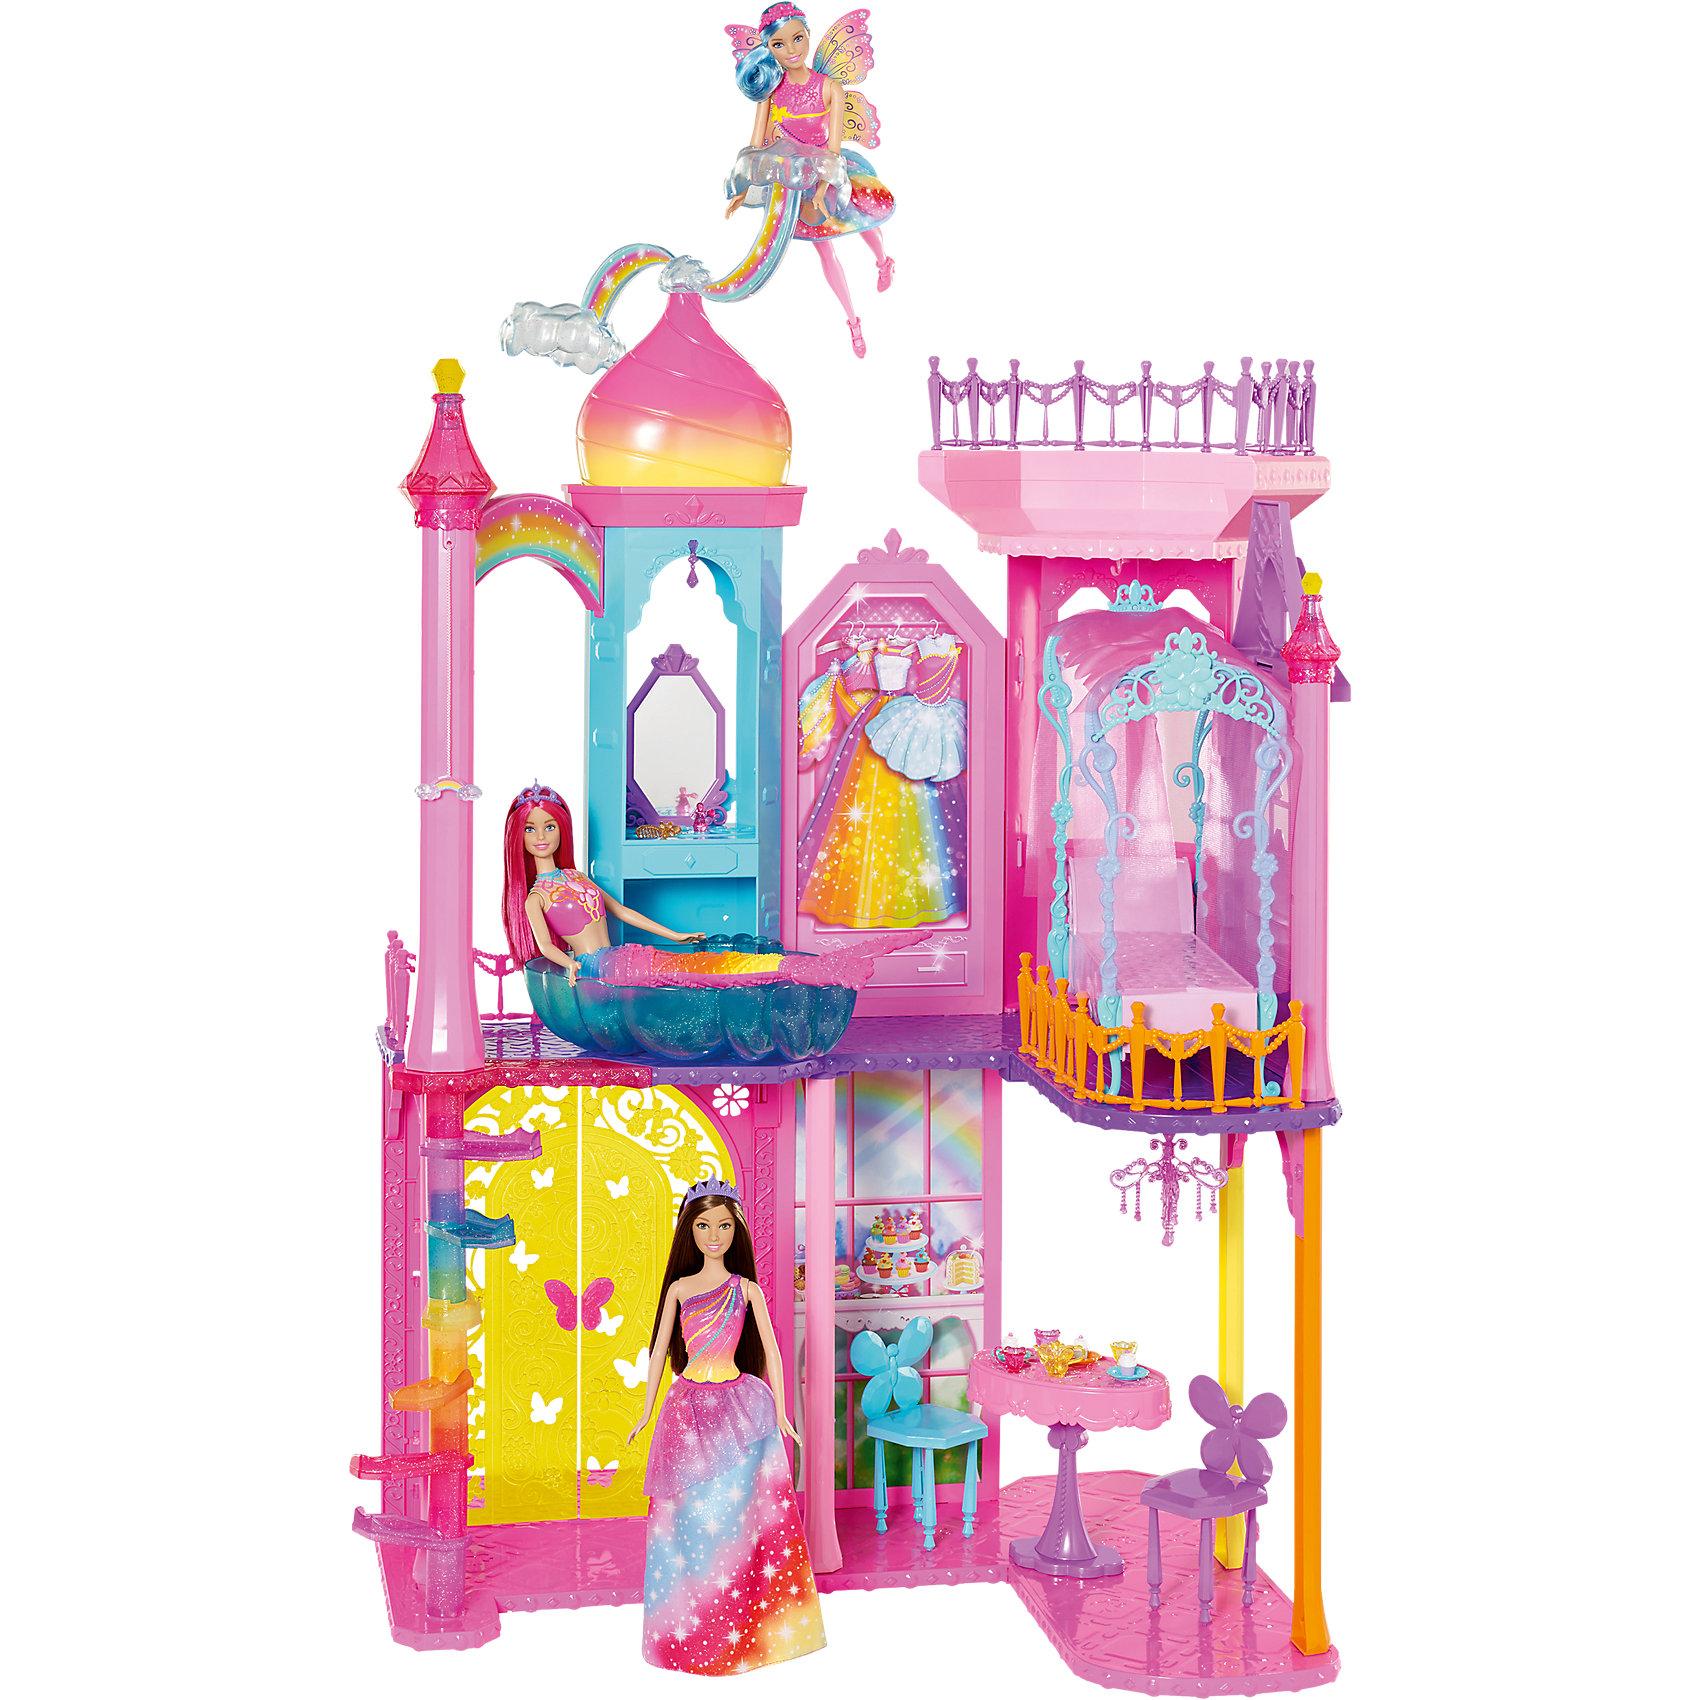 Mattel Радужный дворец Barbie духи климат в интернет магазине новосибирска